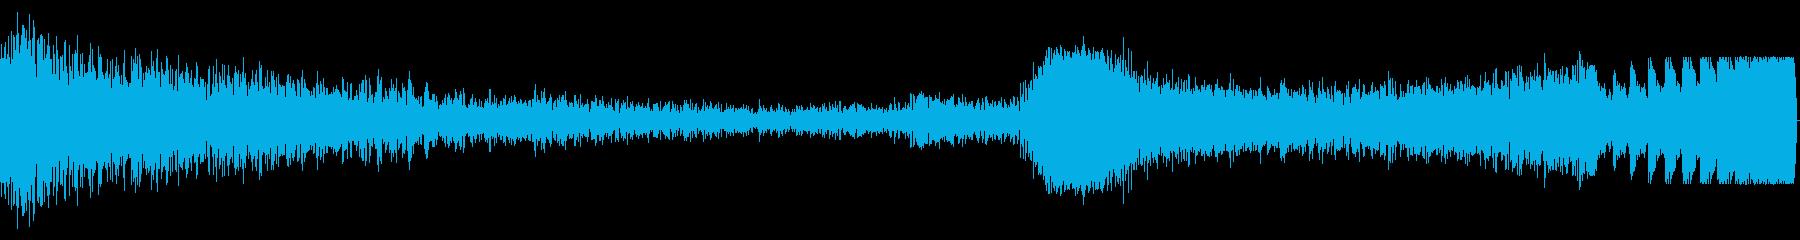 Space Fx:ヒットトゥビルドの再生済みの波形